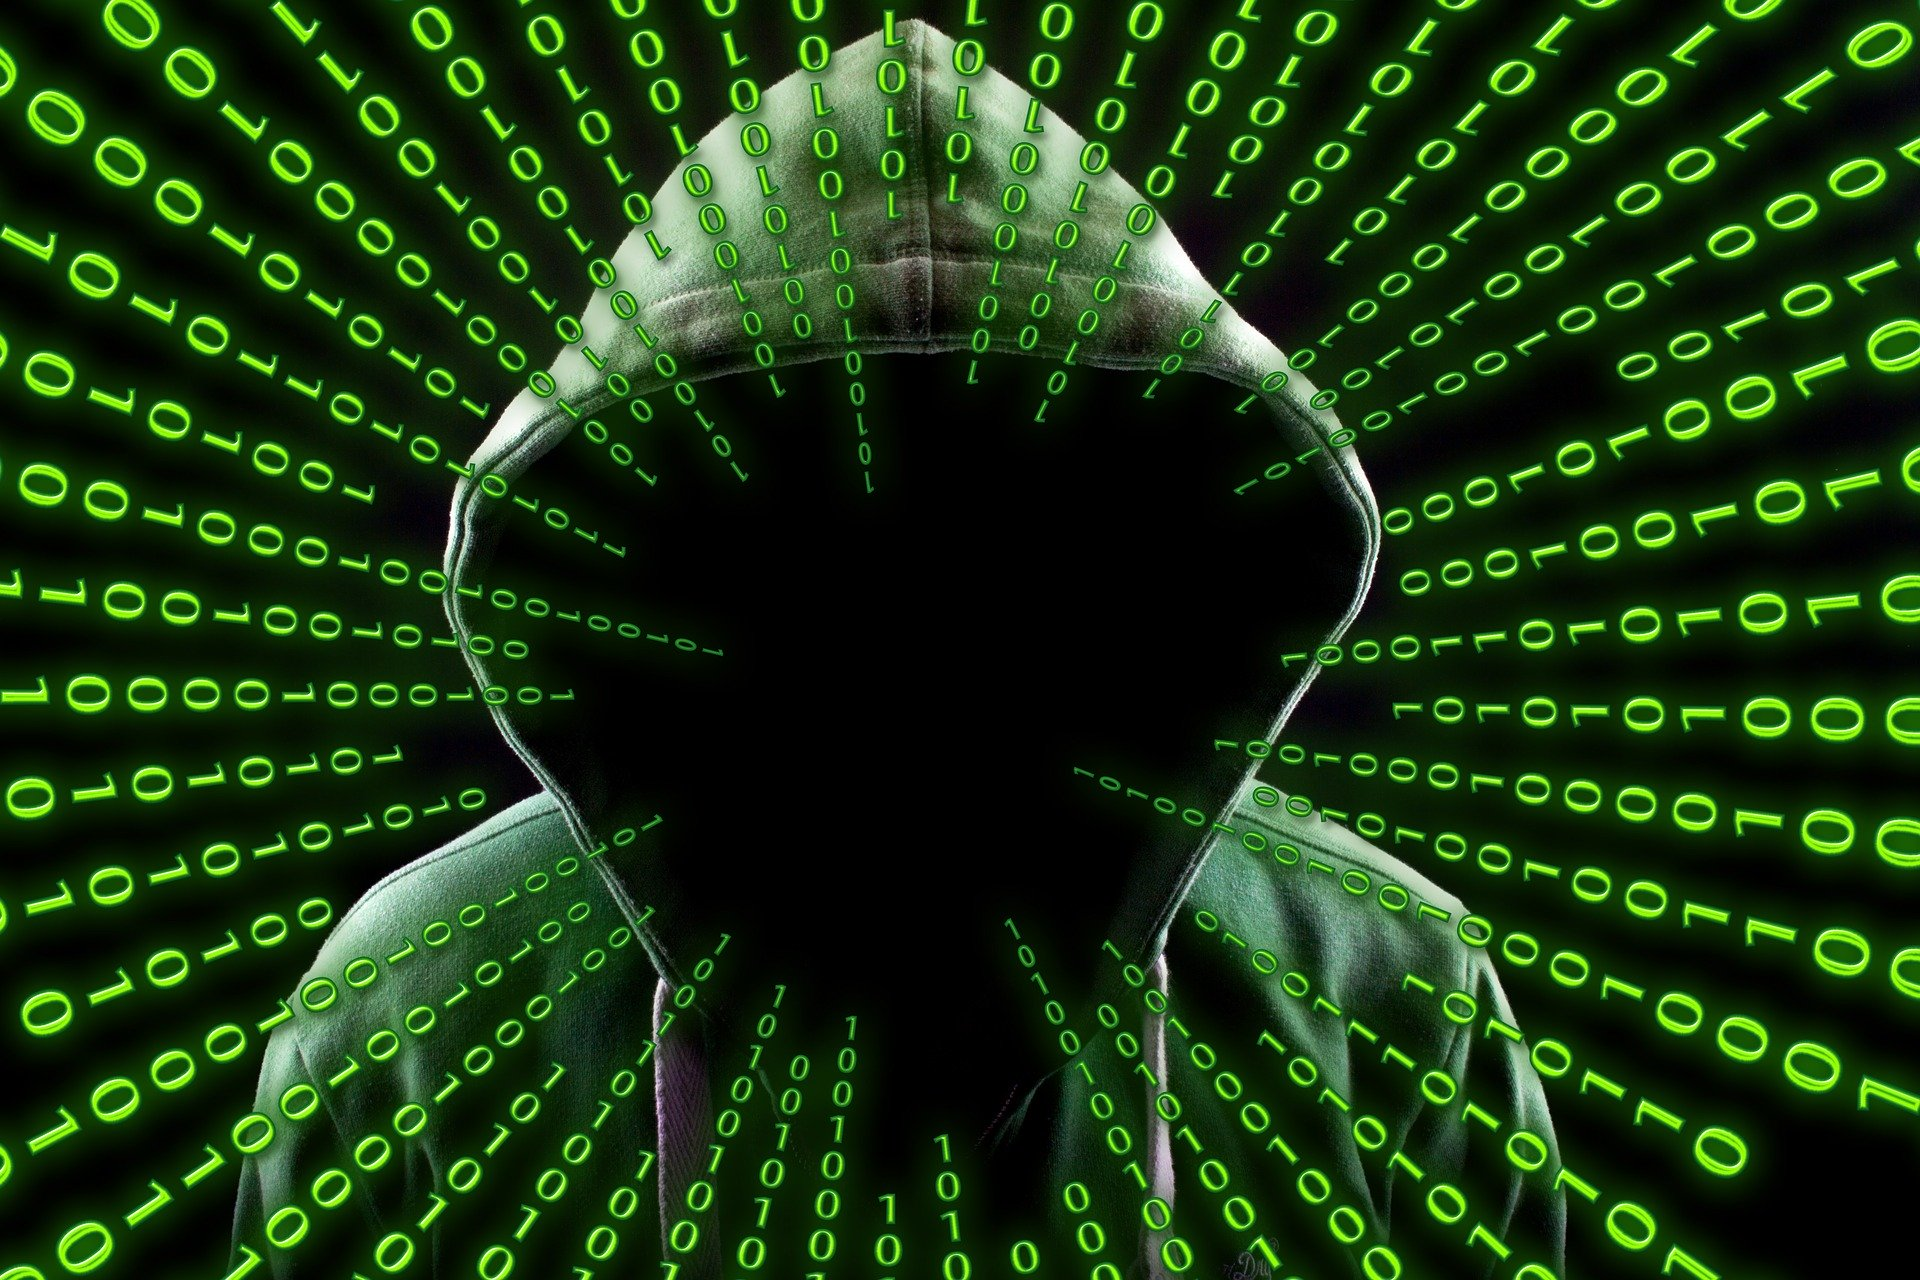 Departamento de Justicia de Estados Unidos incautará fondos en criptomonedas vinculados a hackers de Corea del Norte